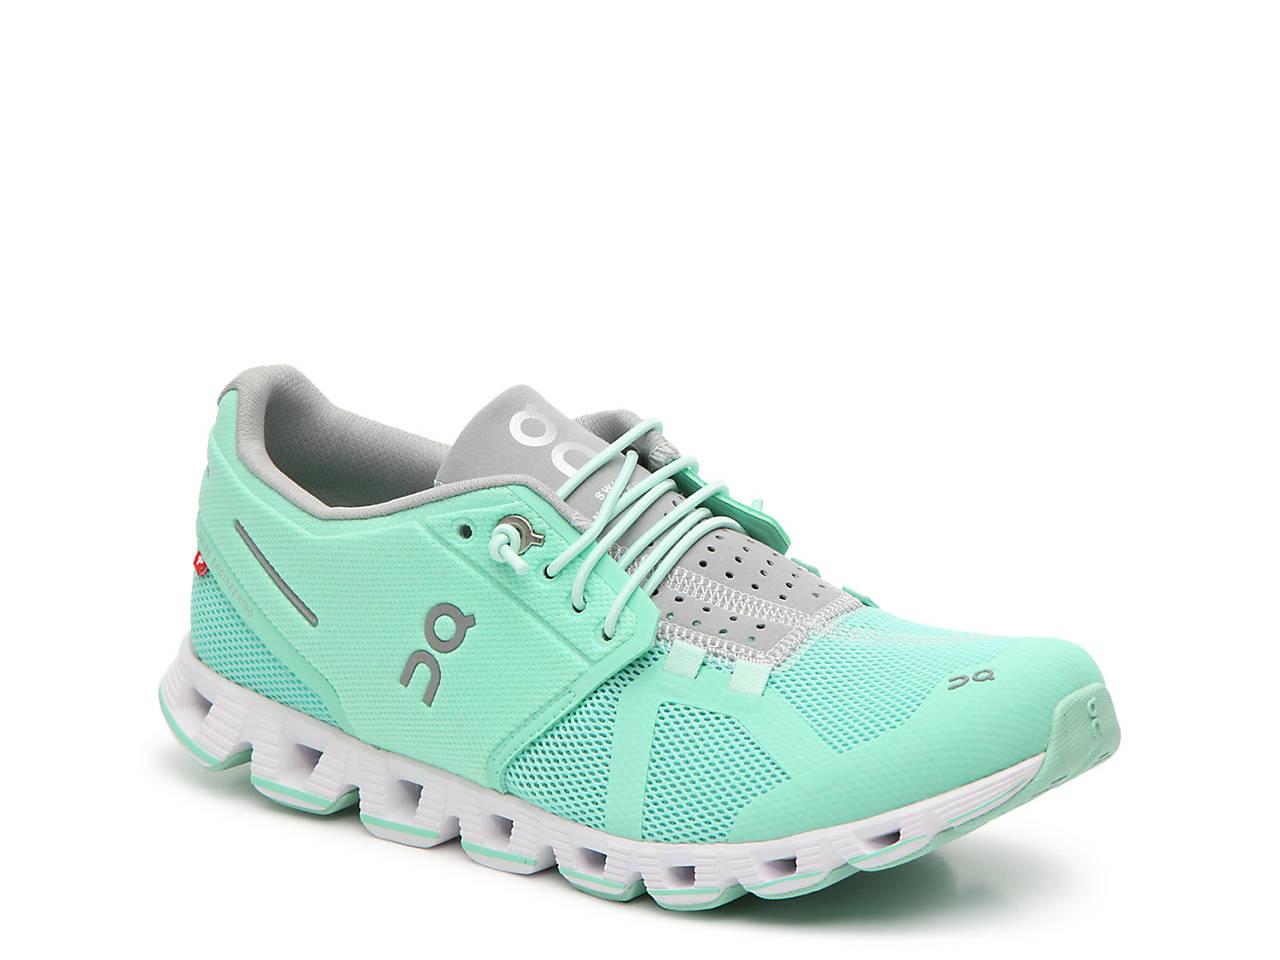 a101ec34fd On Cloud 2.0 Lightweight Running Shoe - Women s Women s Shoes